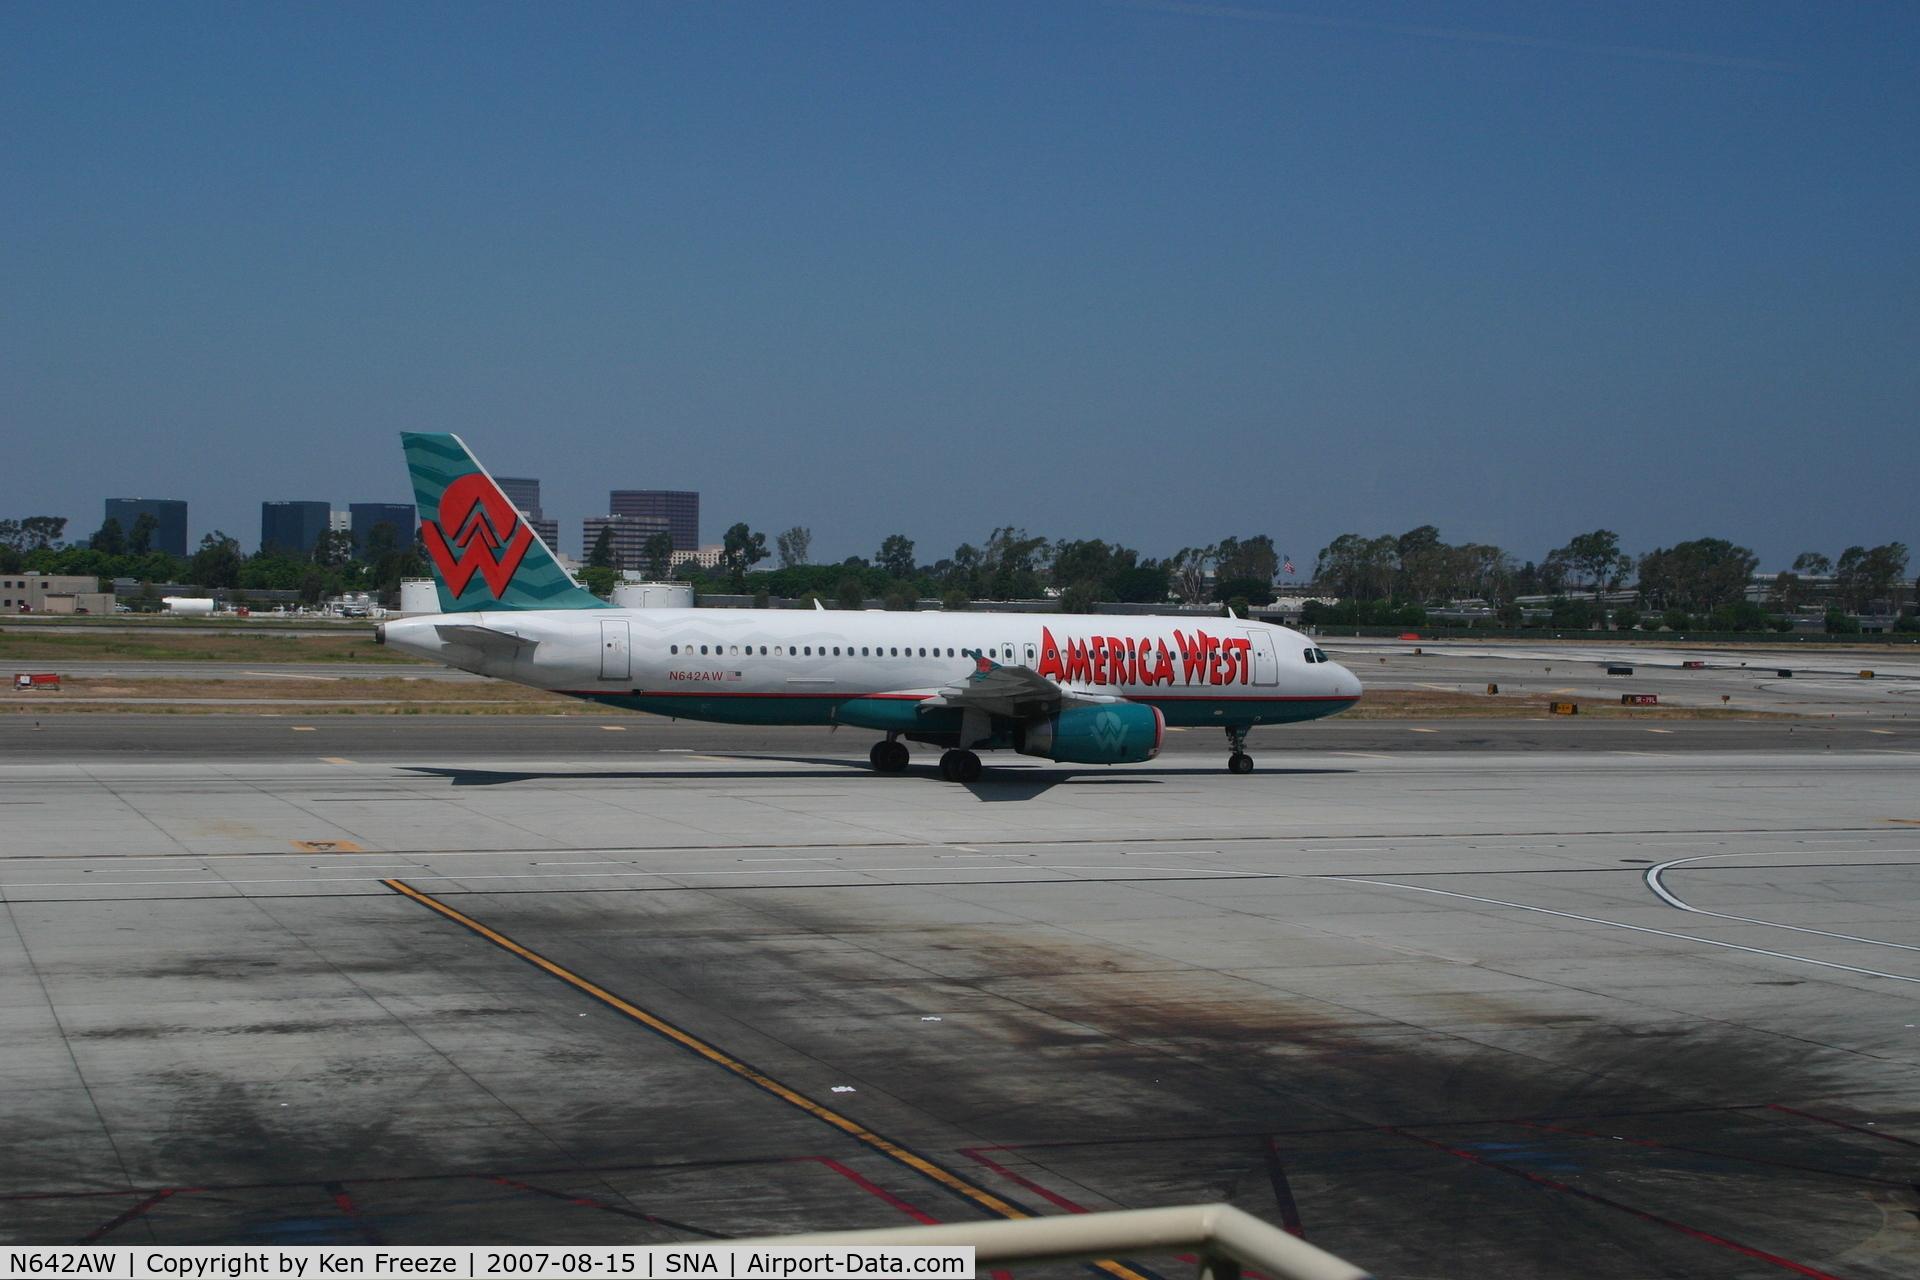 N642AW, 1996 Airbus A320-232 C/N 584, At John Wayne Airport